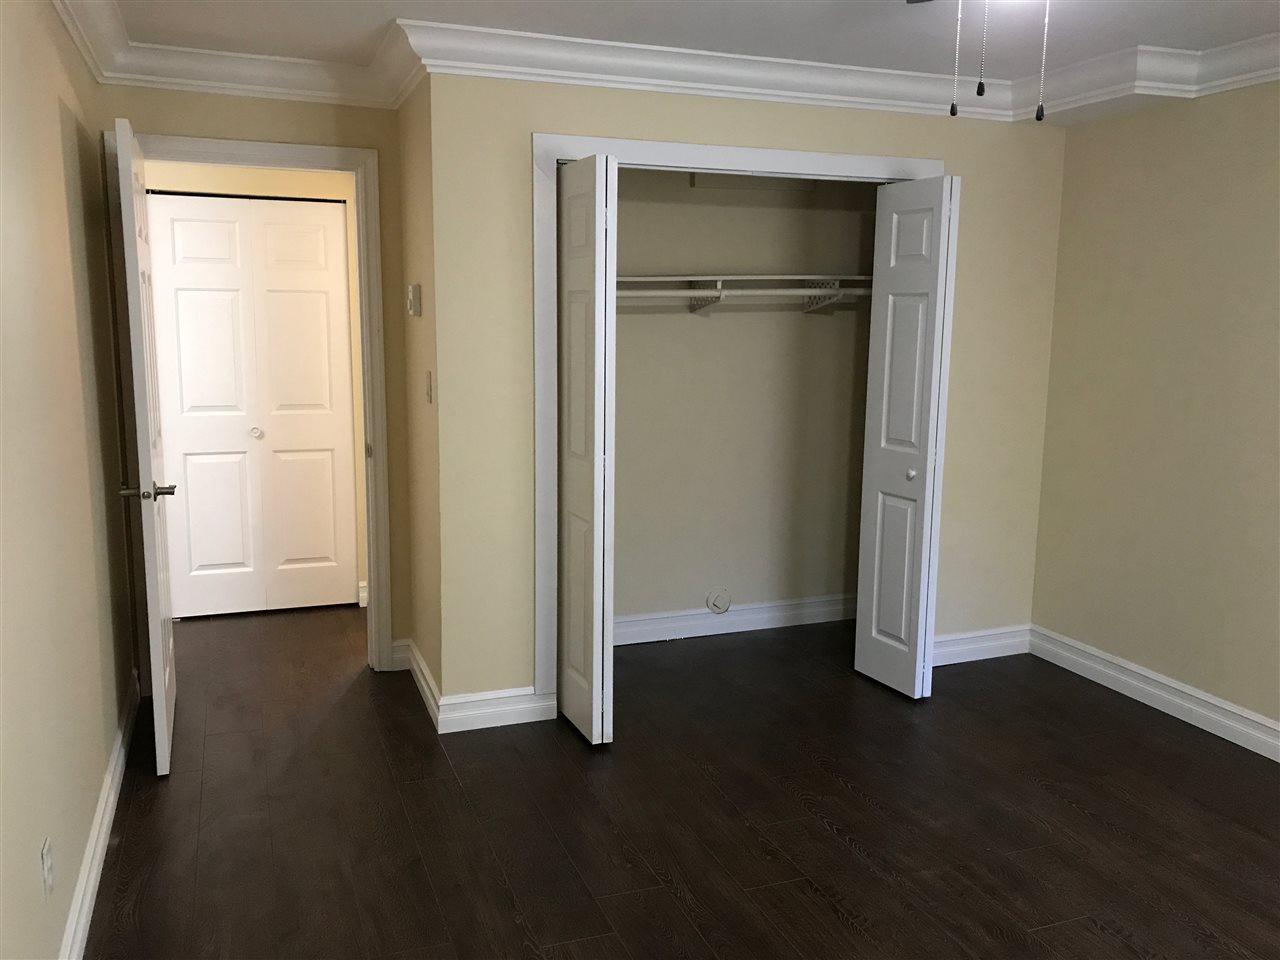 Condo Apartment at 102 13490 HILTON ROAD, Unit 102, North Surrey, British Columbia. Image 2